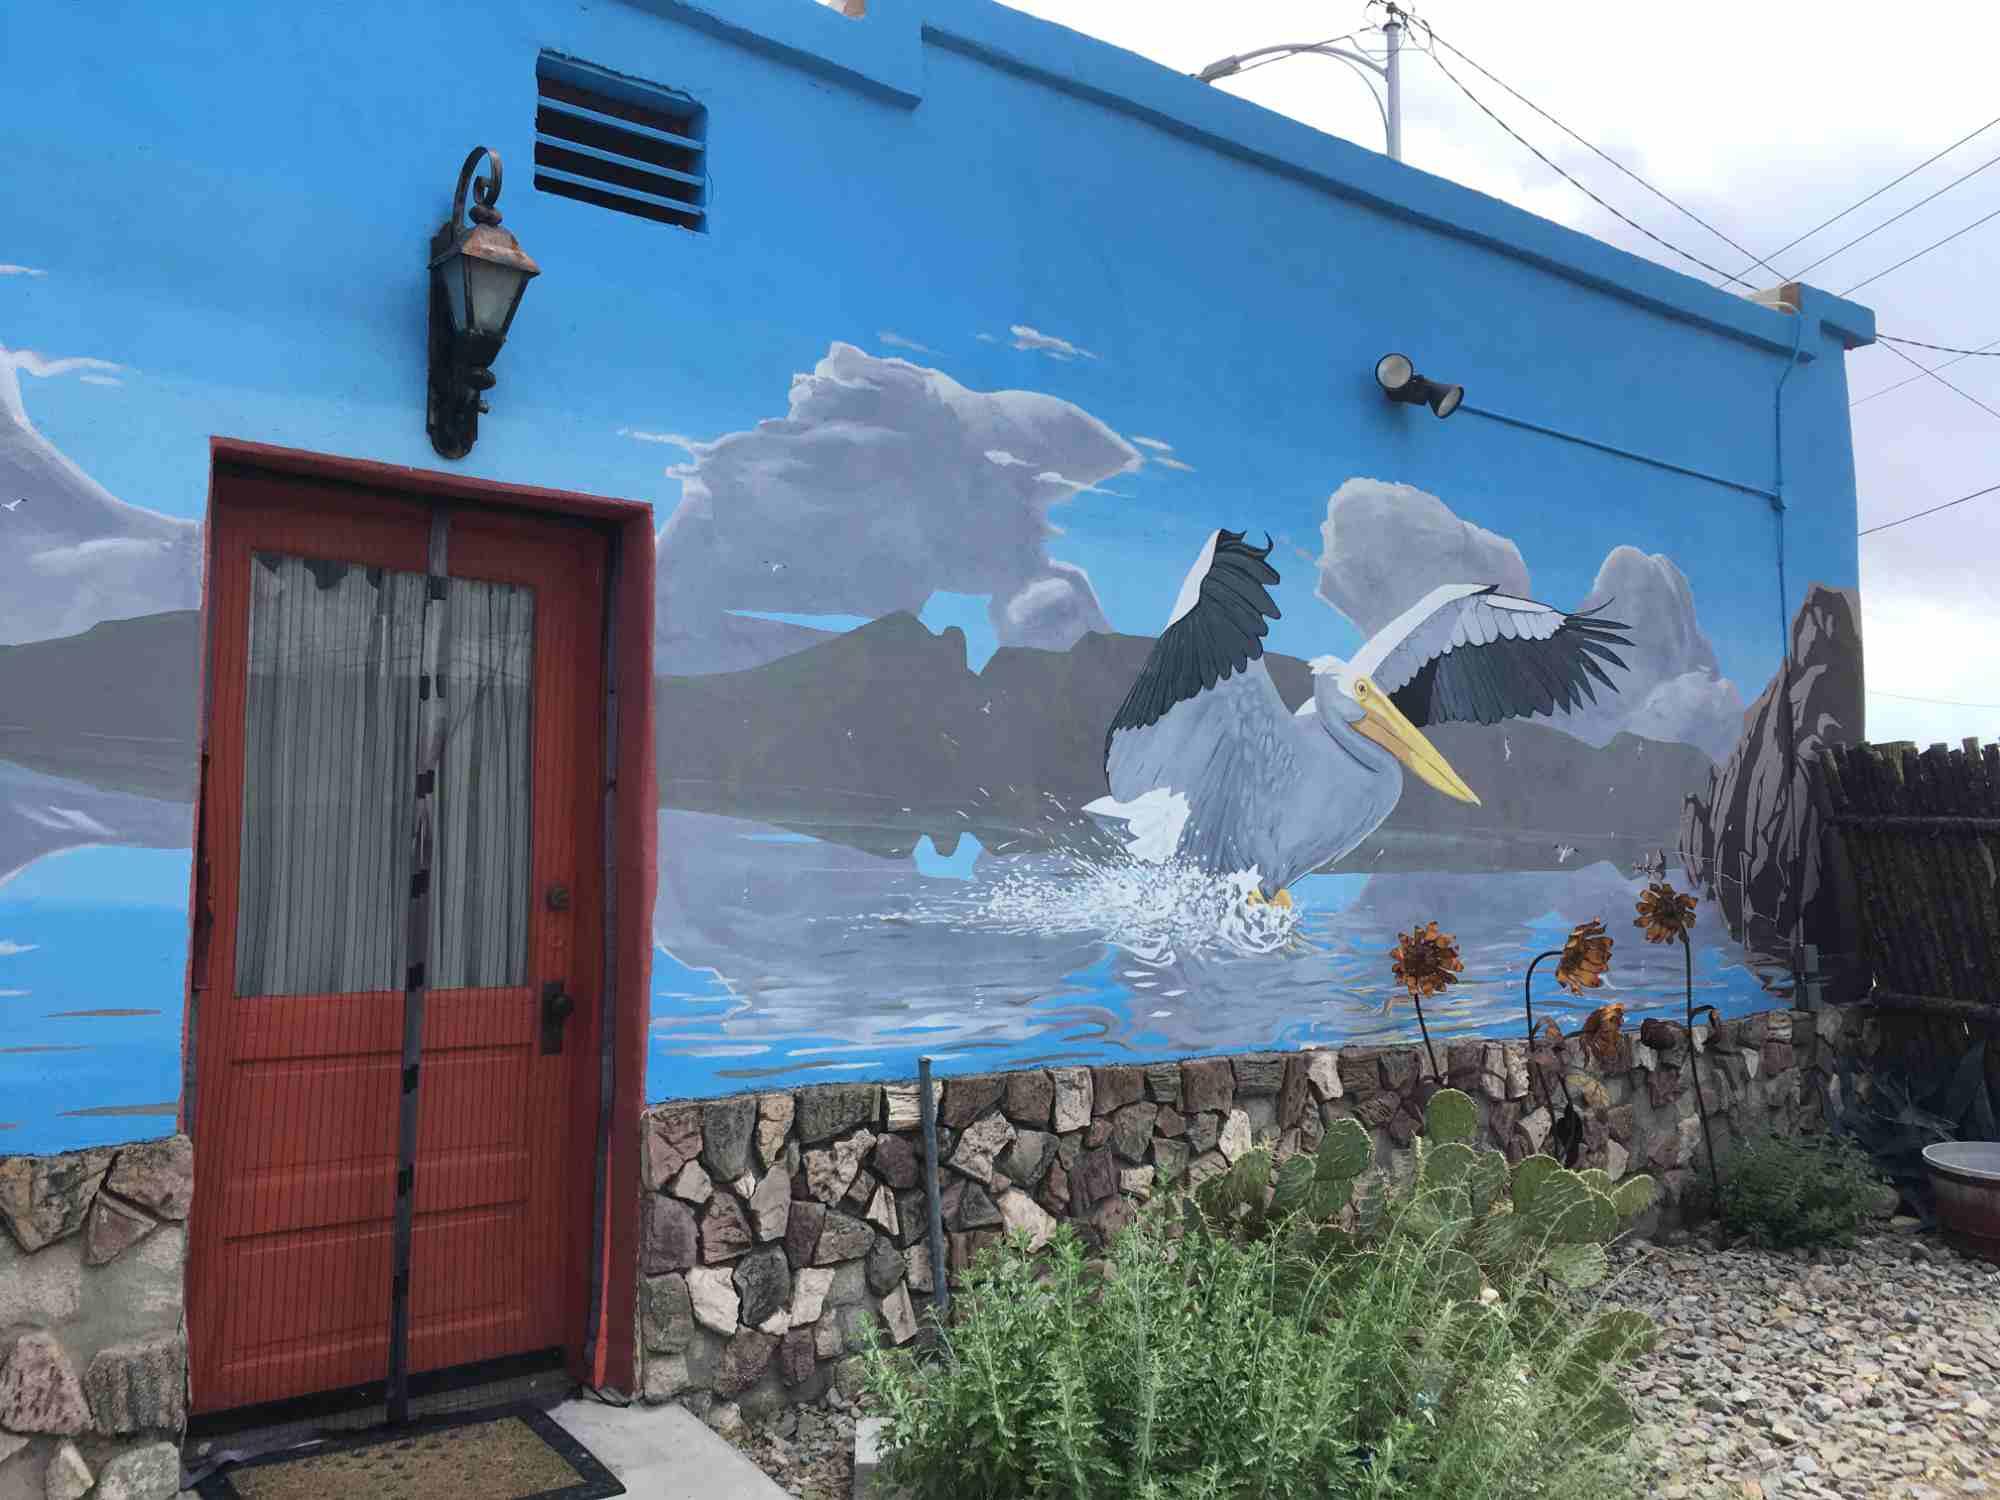 Pelican mural at Pelica Spa